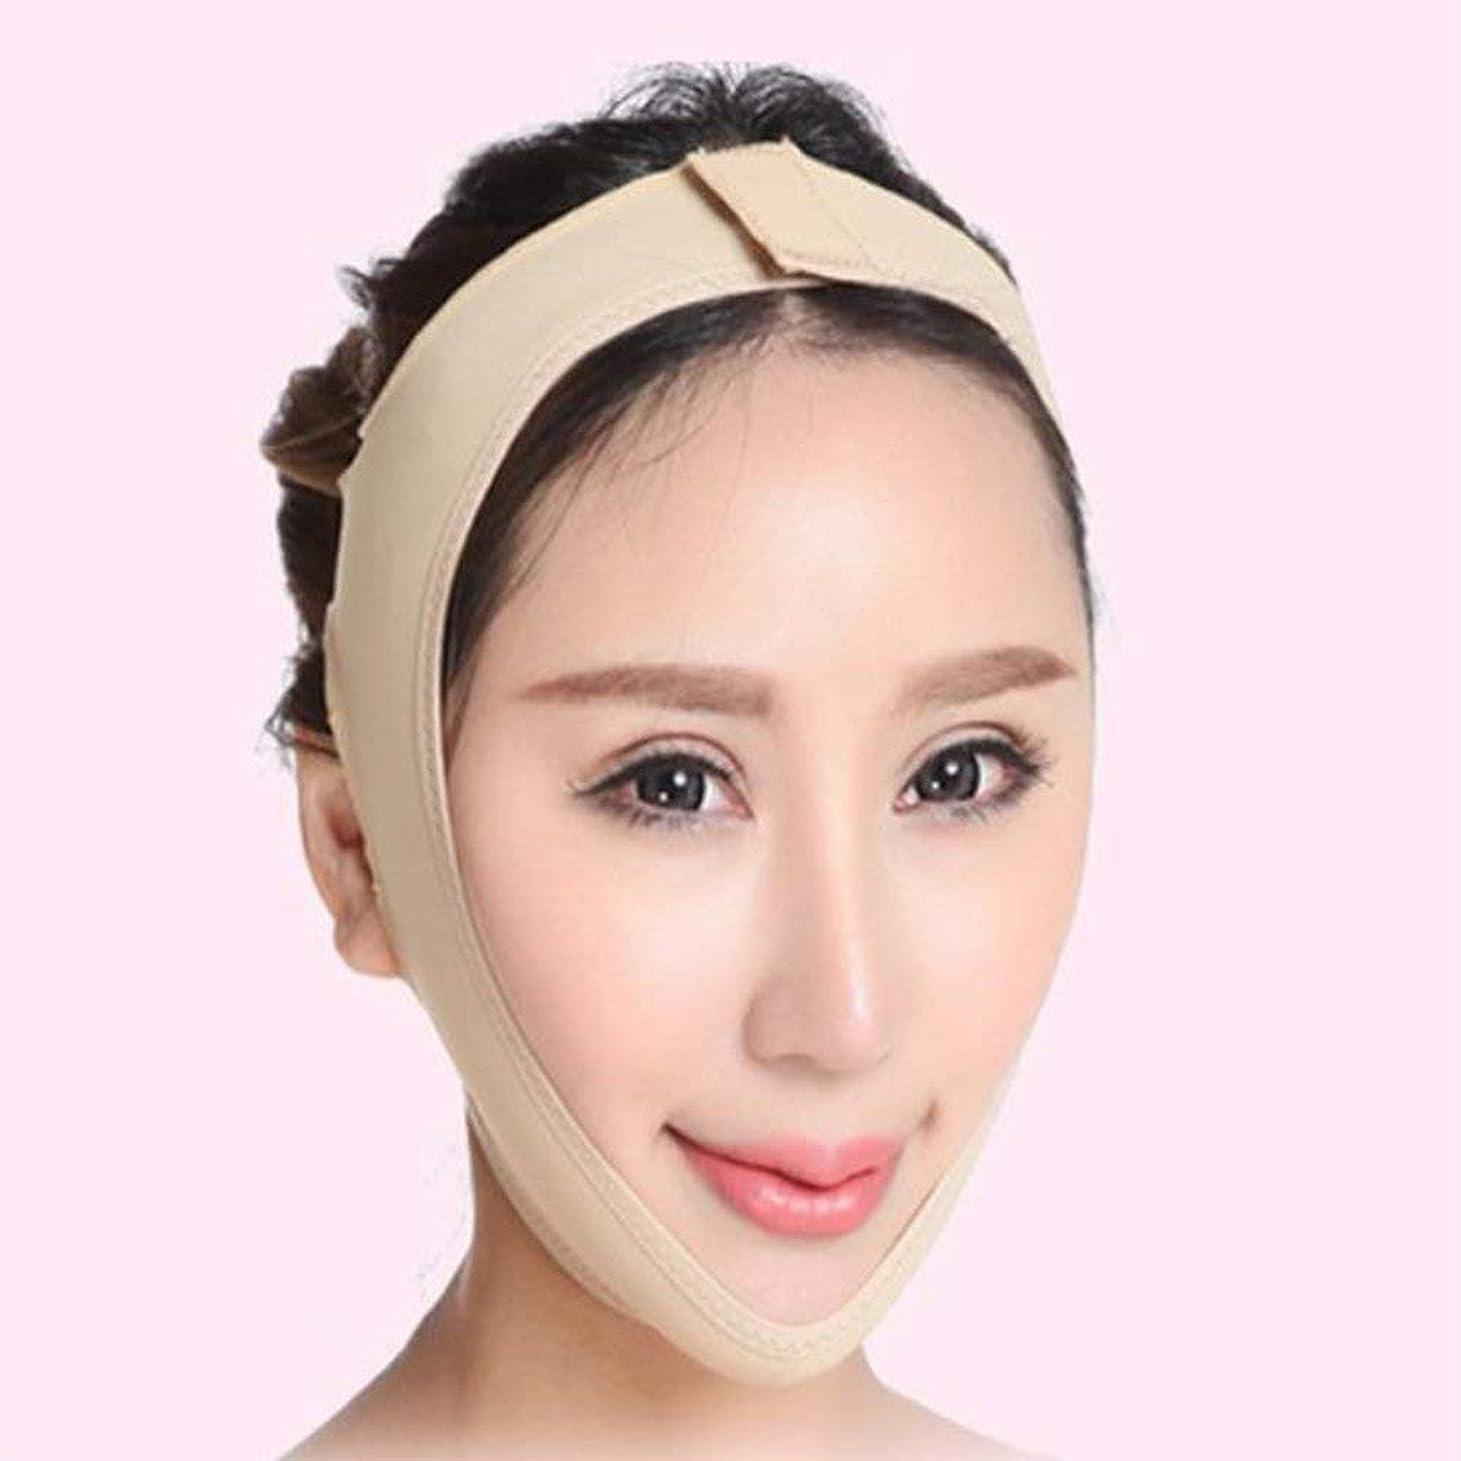 チケットミトン難民MR 小顔マスク リフトアップ マスク フェイスラインシャープ メンズ レディース Sサイズ MR-AZD15003-S